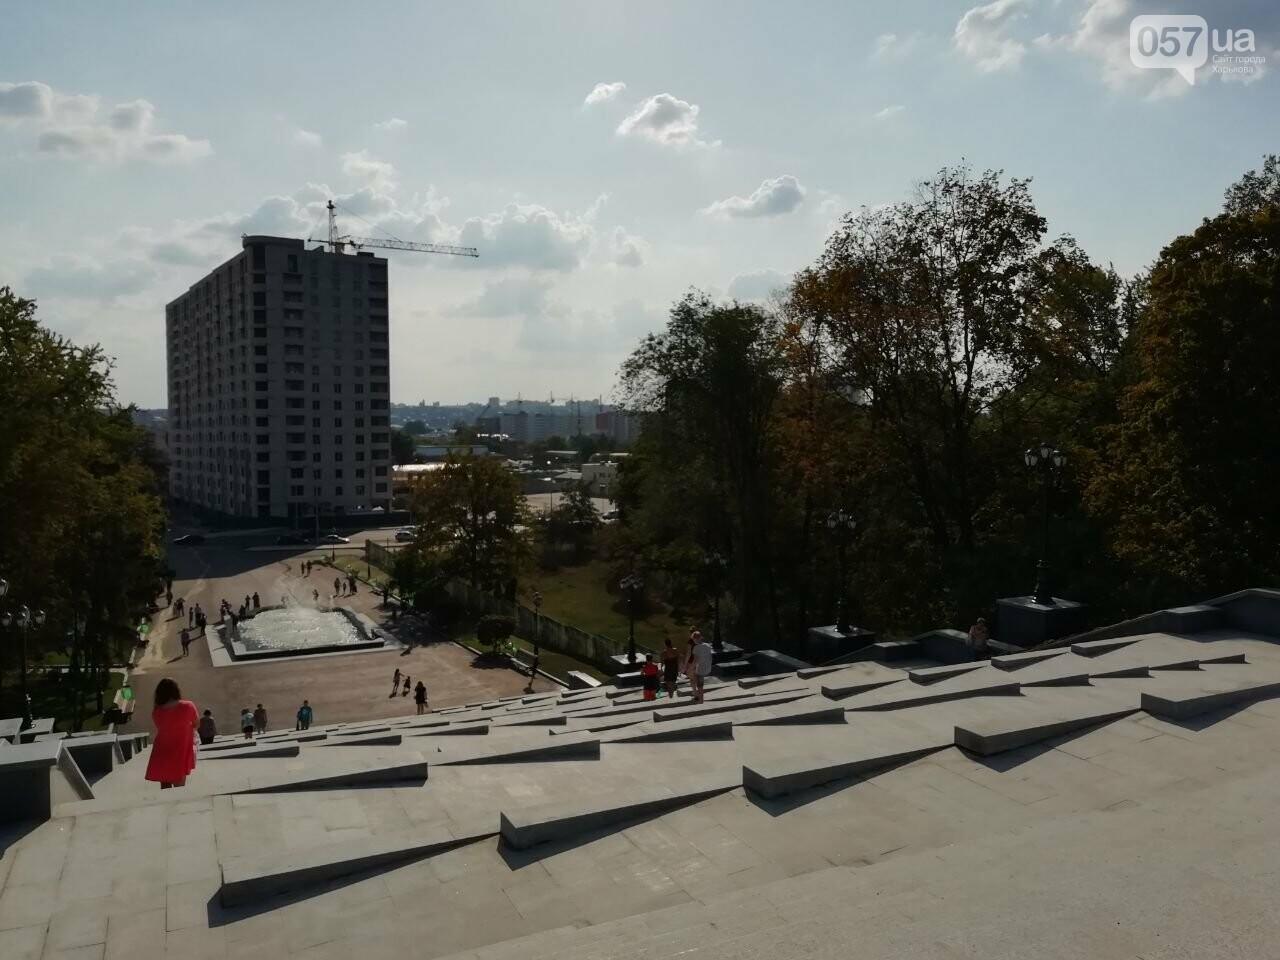 В центре Харькова появился новый фонтан и «Каскад» после реконструкции, - ФОТО, фото-11